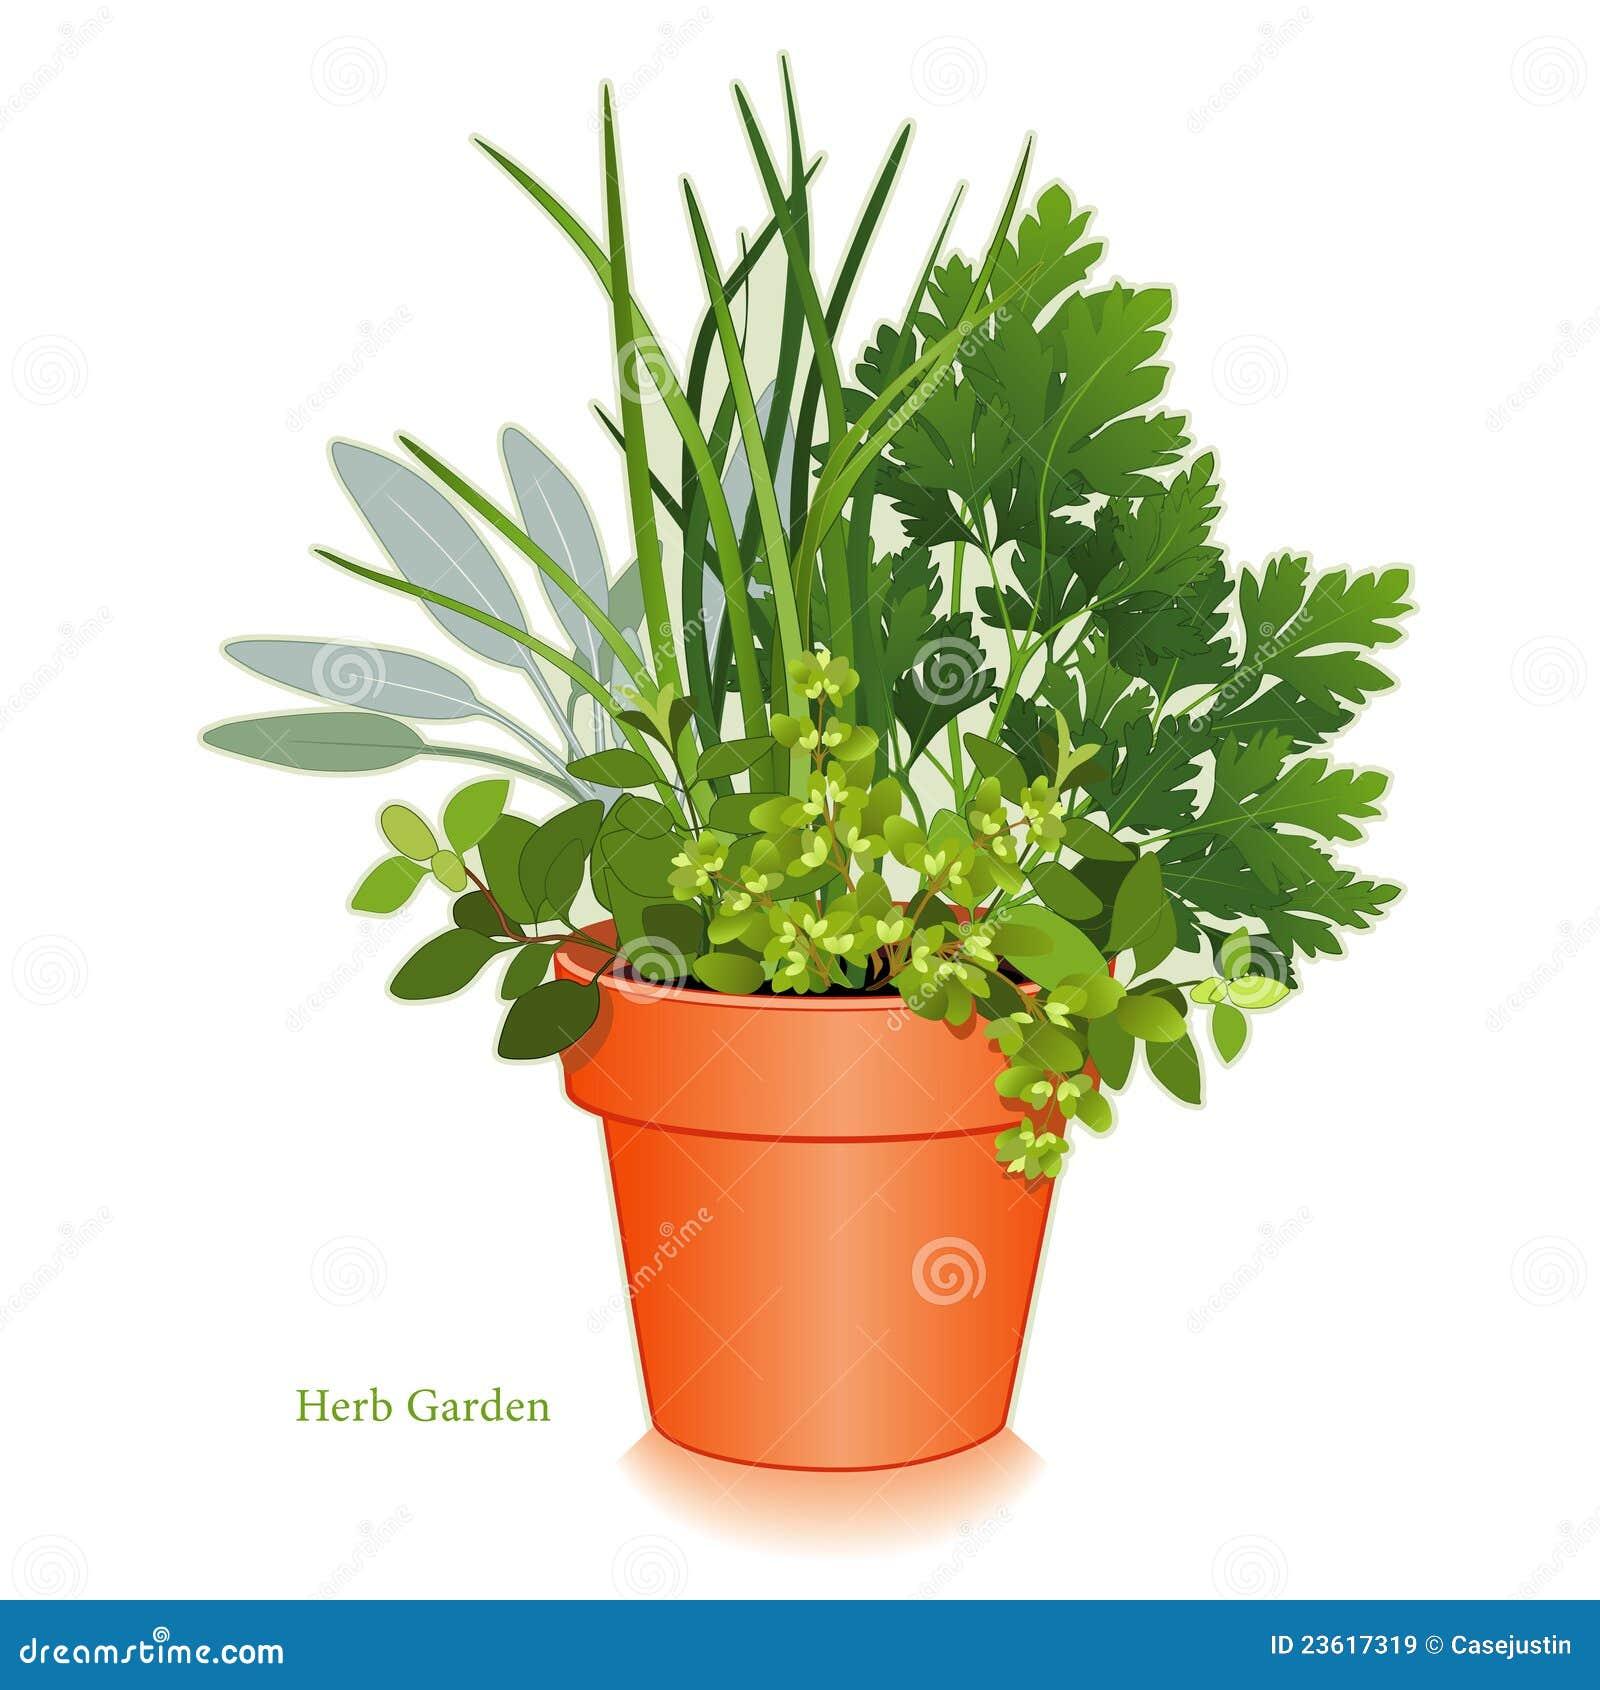 Jard n de hierba en maceta de la arcilla im genes de - Hierba luisa en maceta ...